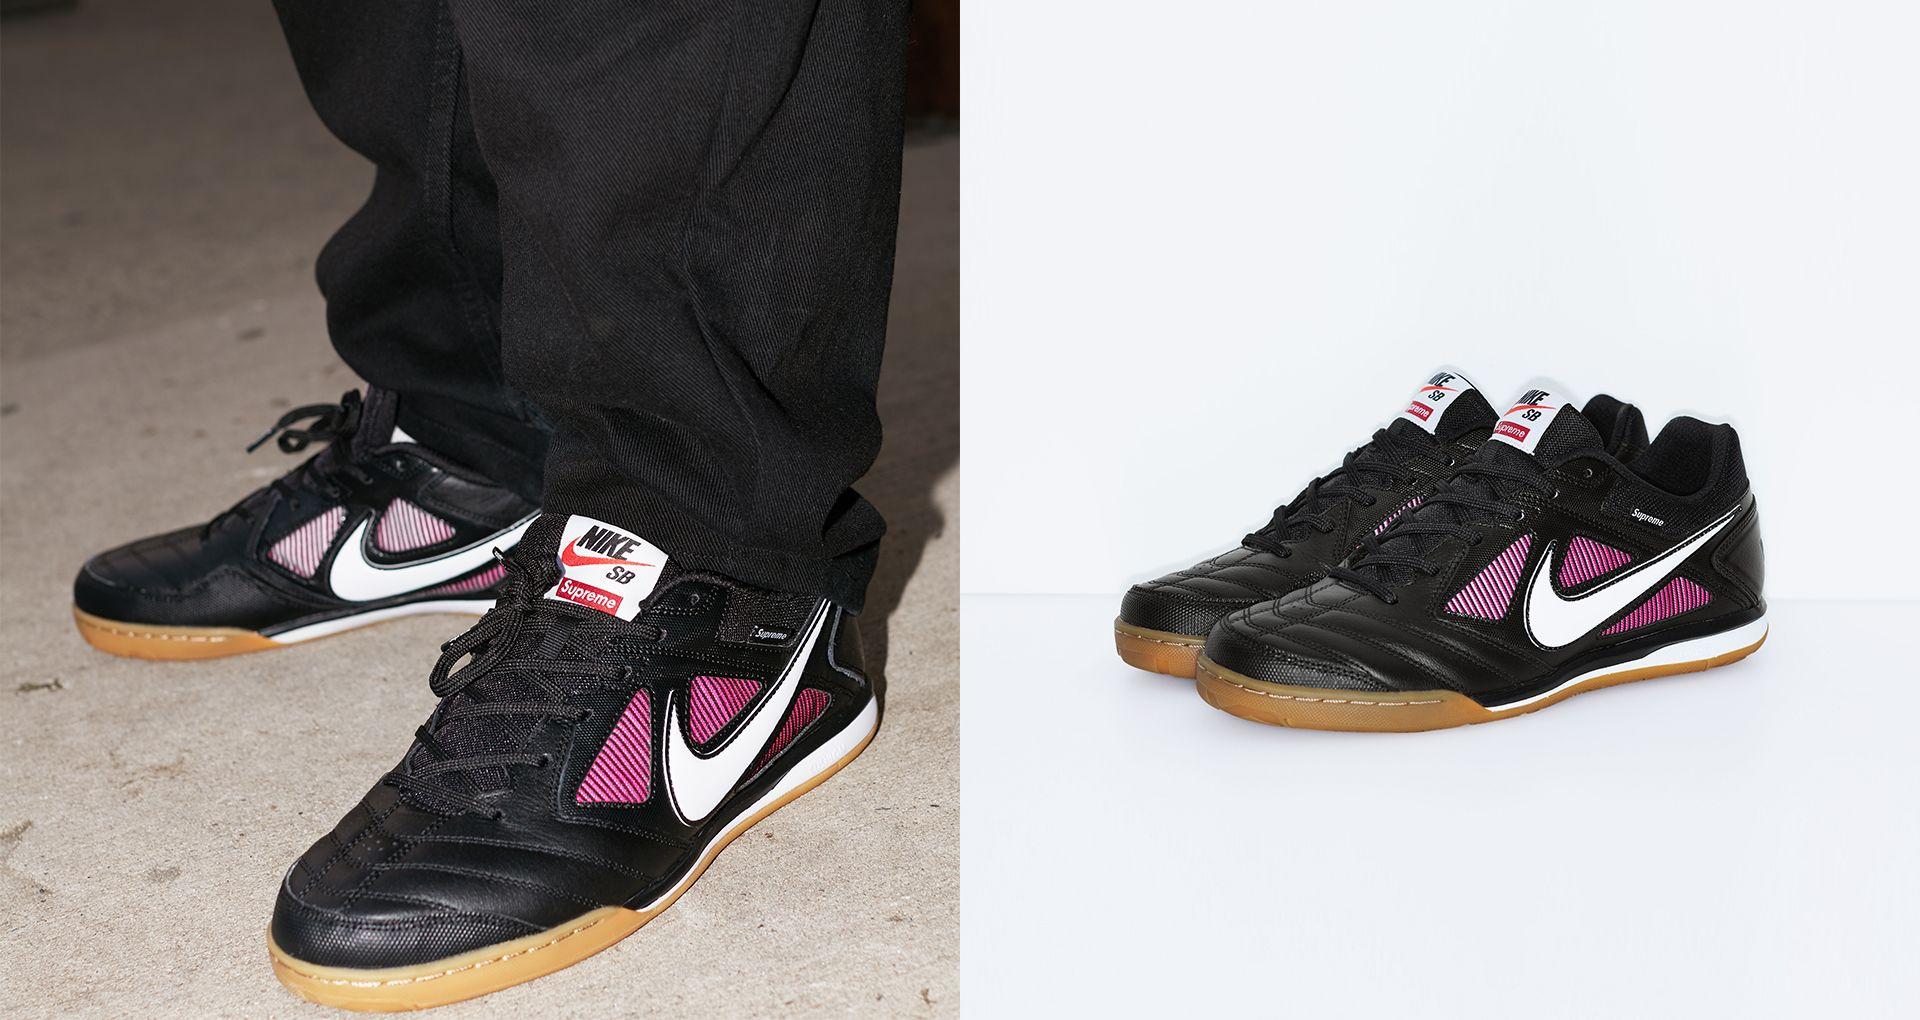 f0c3b431402c SB GATO. SUPREME. £89.95. Nike Sb Gato Qs Supreme  Black   White ...